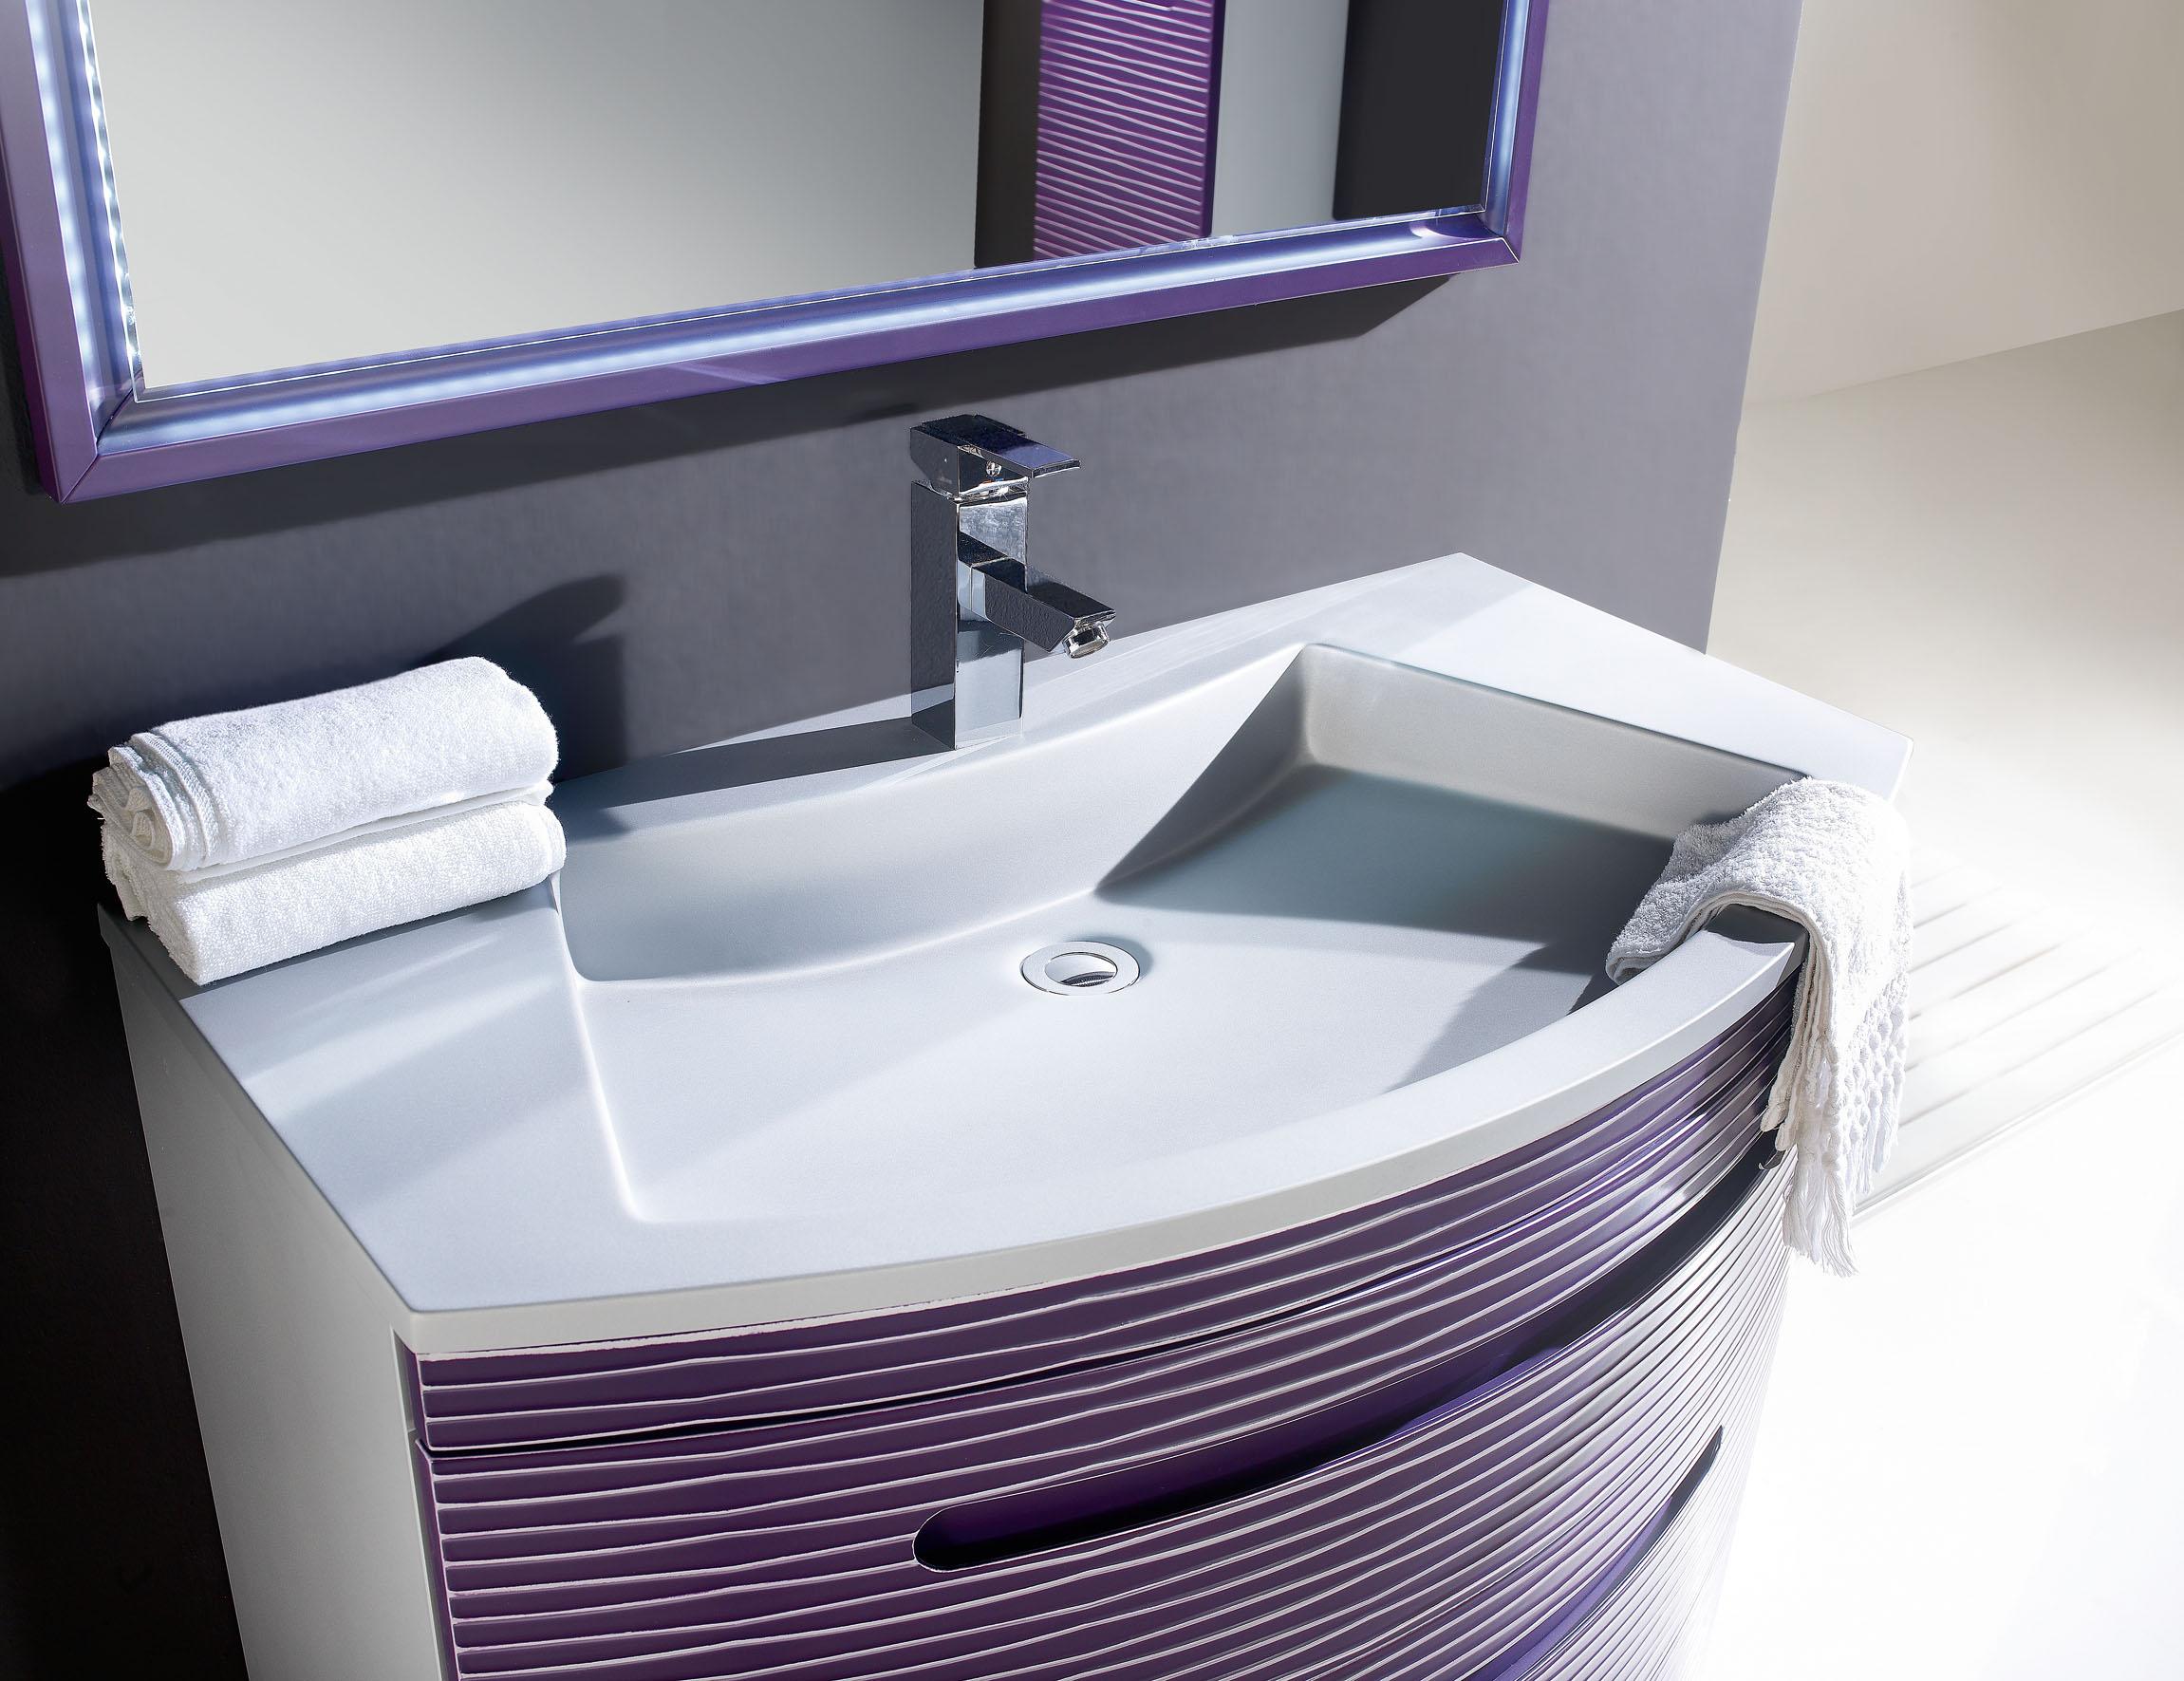 Sinks countertops muebles de ba o muebles de ba o a medida y modulares - Muebles bano a medida ...